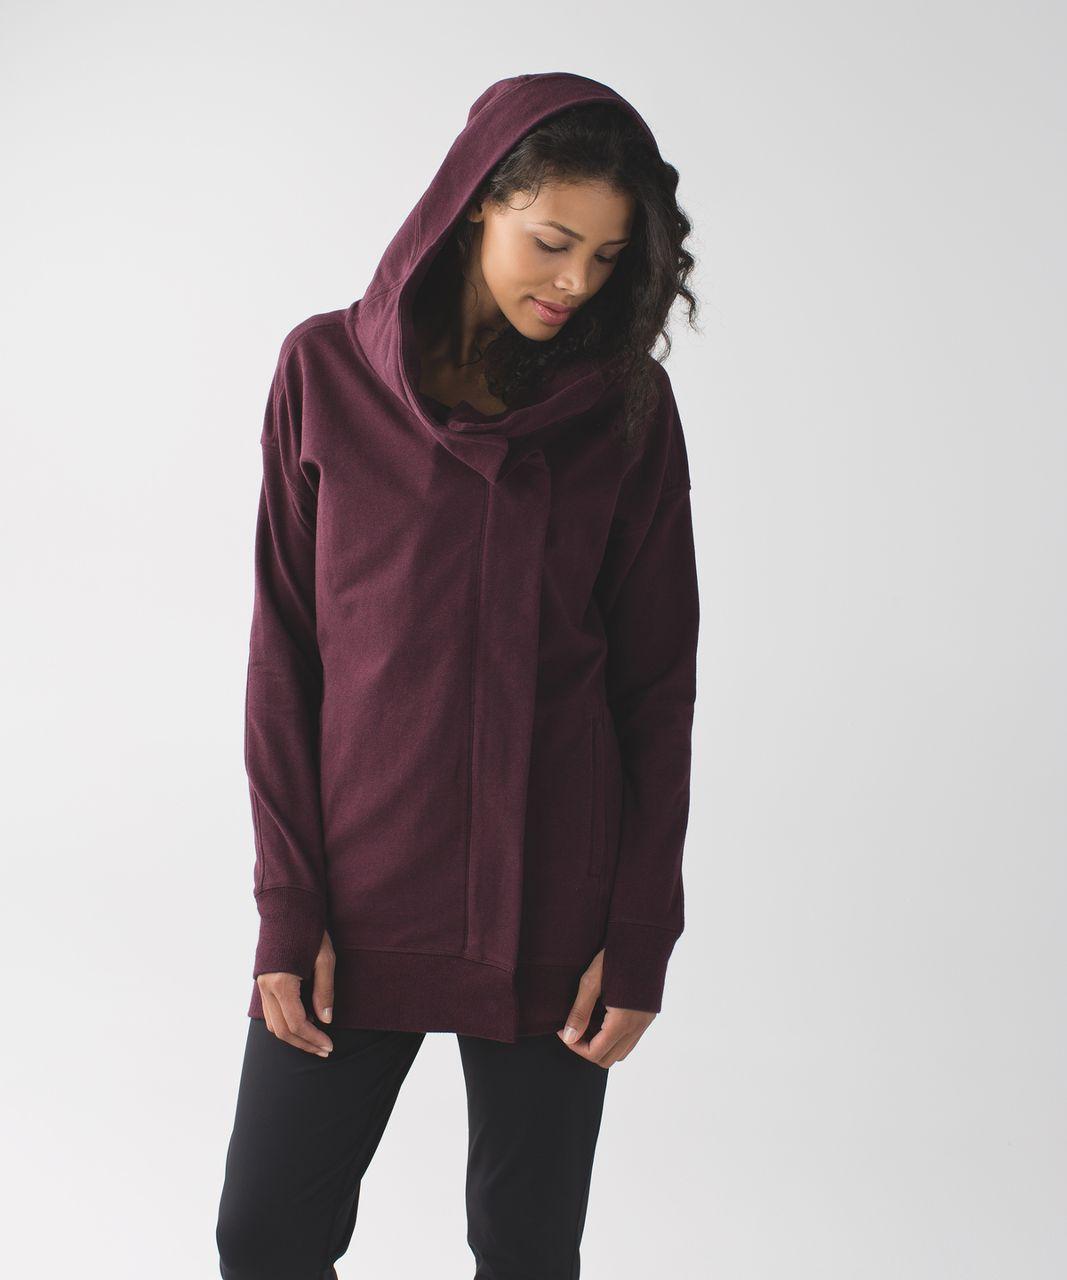 Lululemon Wrap Up Jacket Heathered Bordeaux Drama Lulu